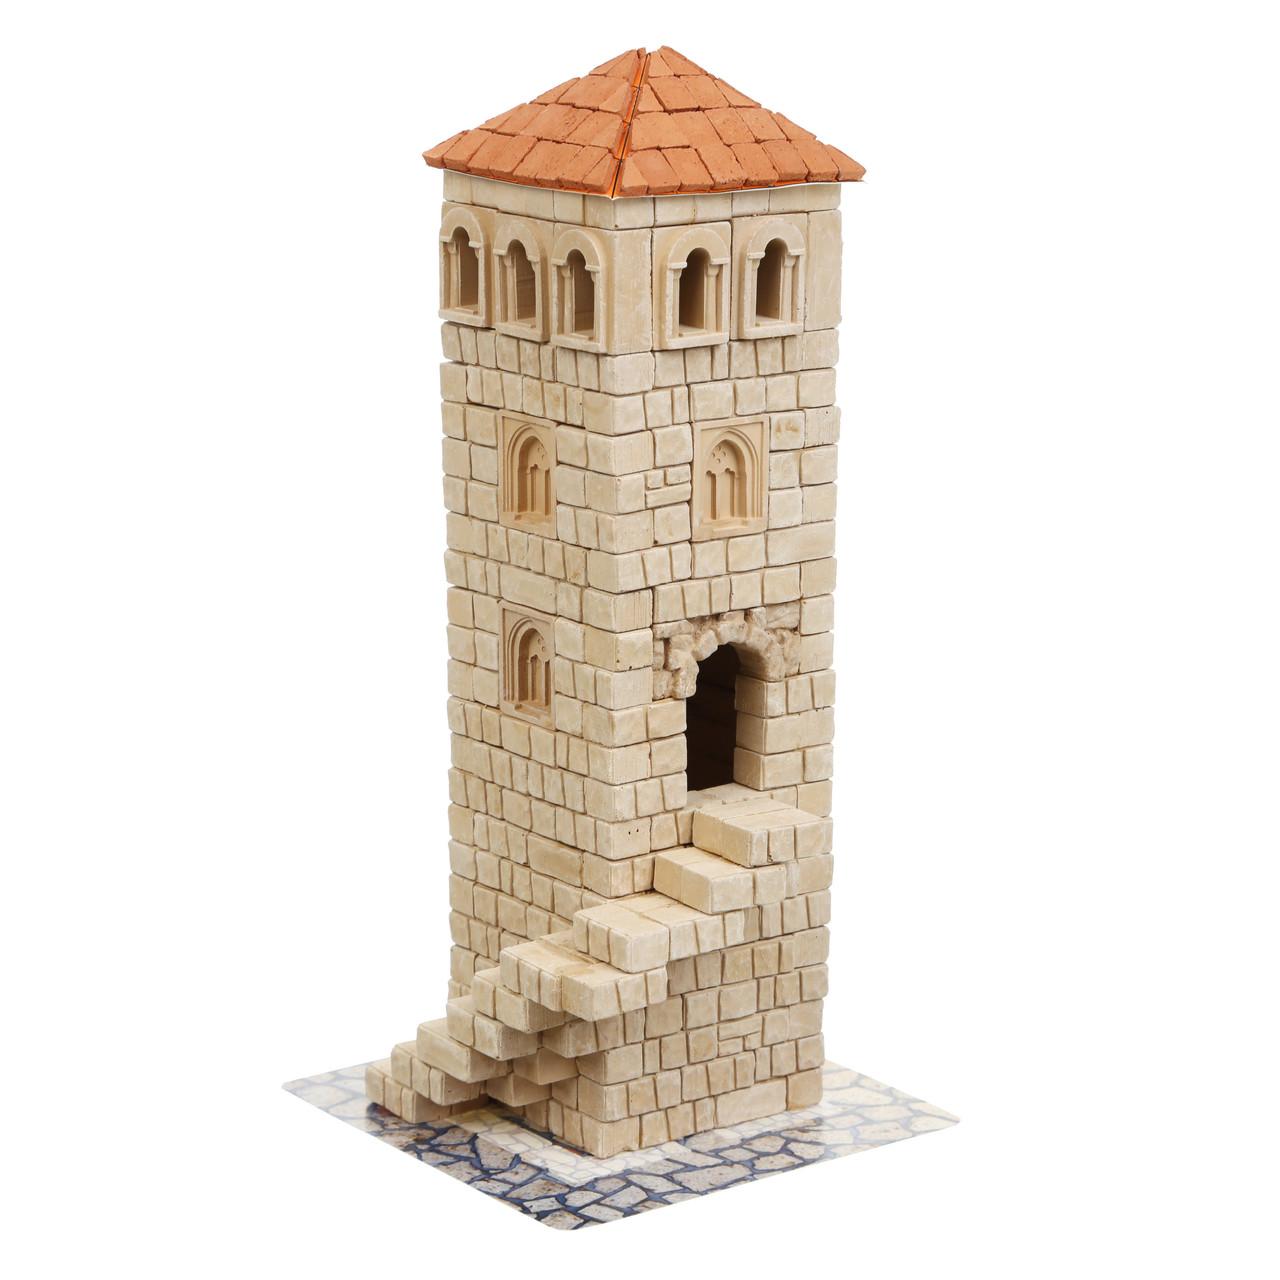 Керамічний конструктор з цеглинок Вежа 500 деталей Країна замків та фортець (Україна)